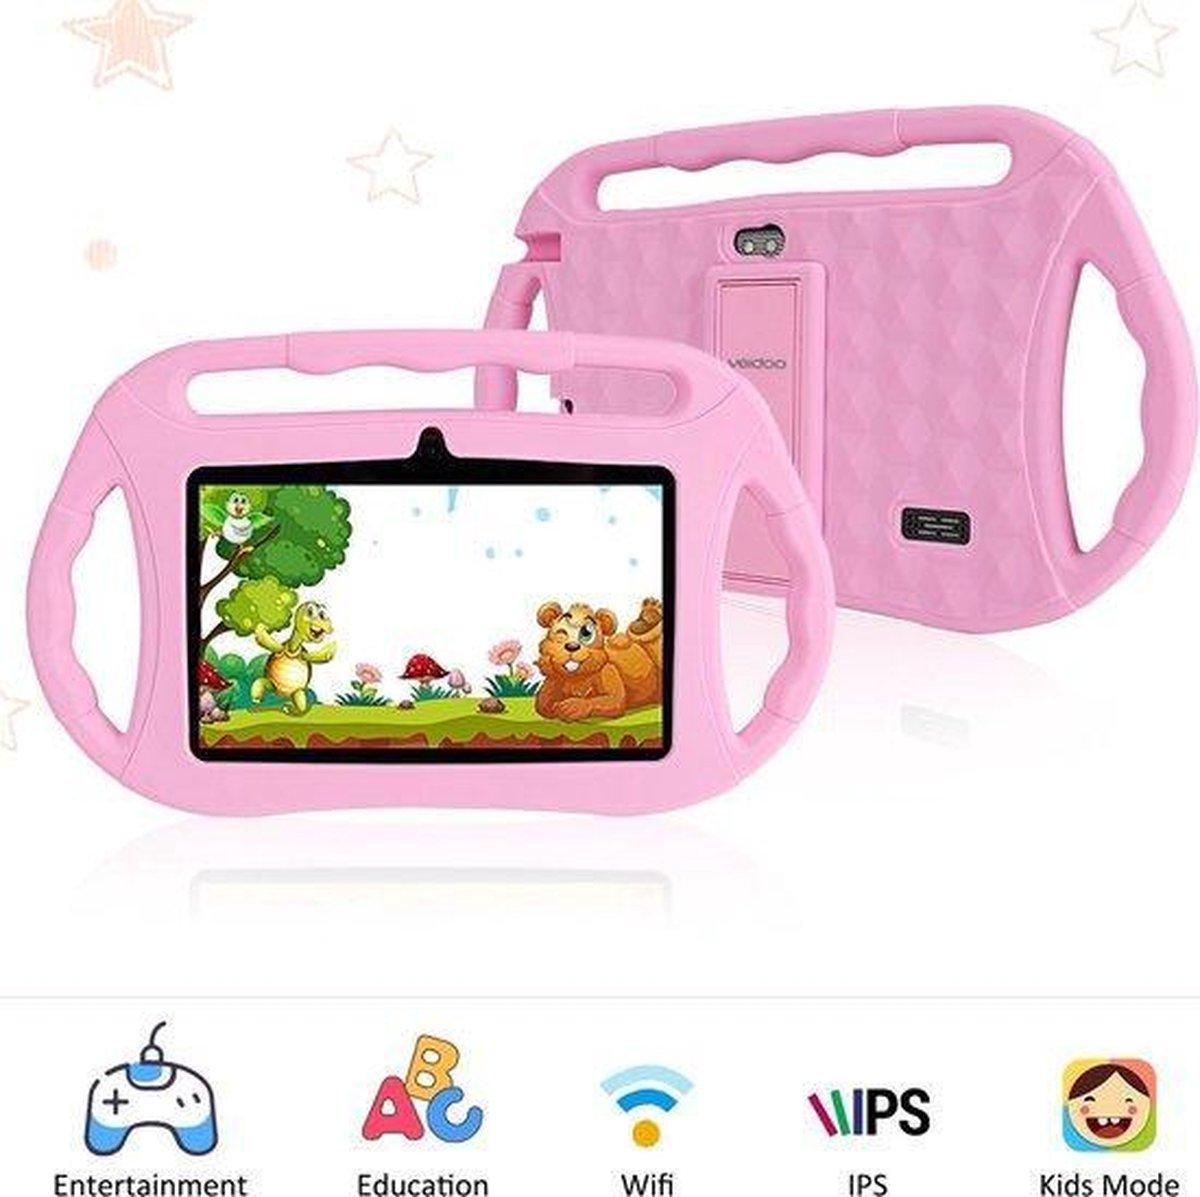 Veidoo special - Kindertablet - tablet 7 inch - 16 GB - vanaf 2 jaar - Scherp beeld - leerzame tablet voor kinderen - Wifi - Bluetooth - camera - spellen - Inclusief kinderhorloge - ROZE